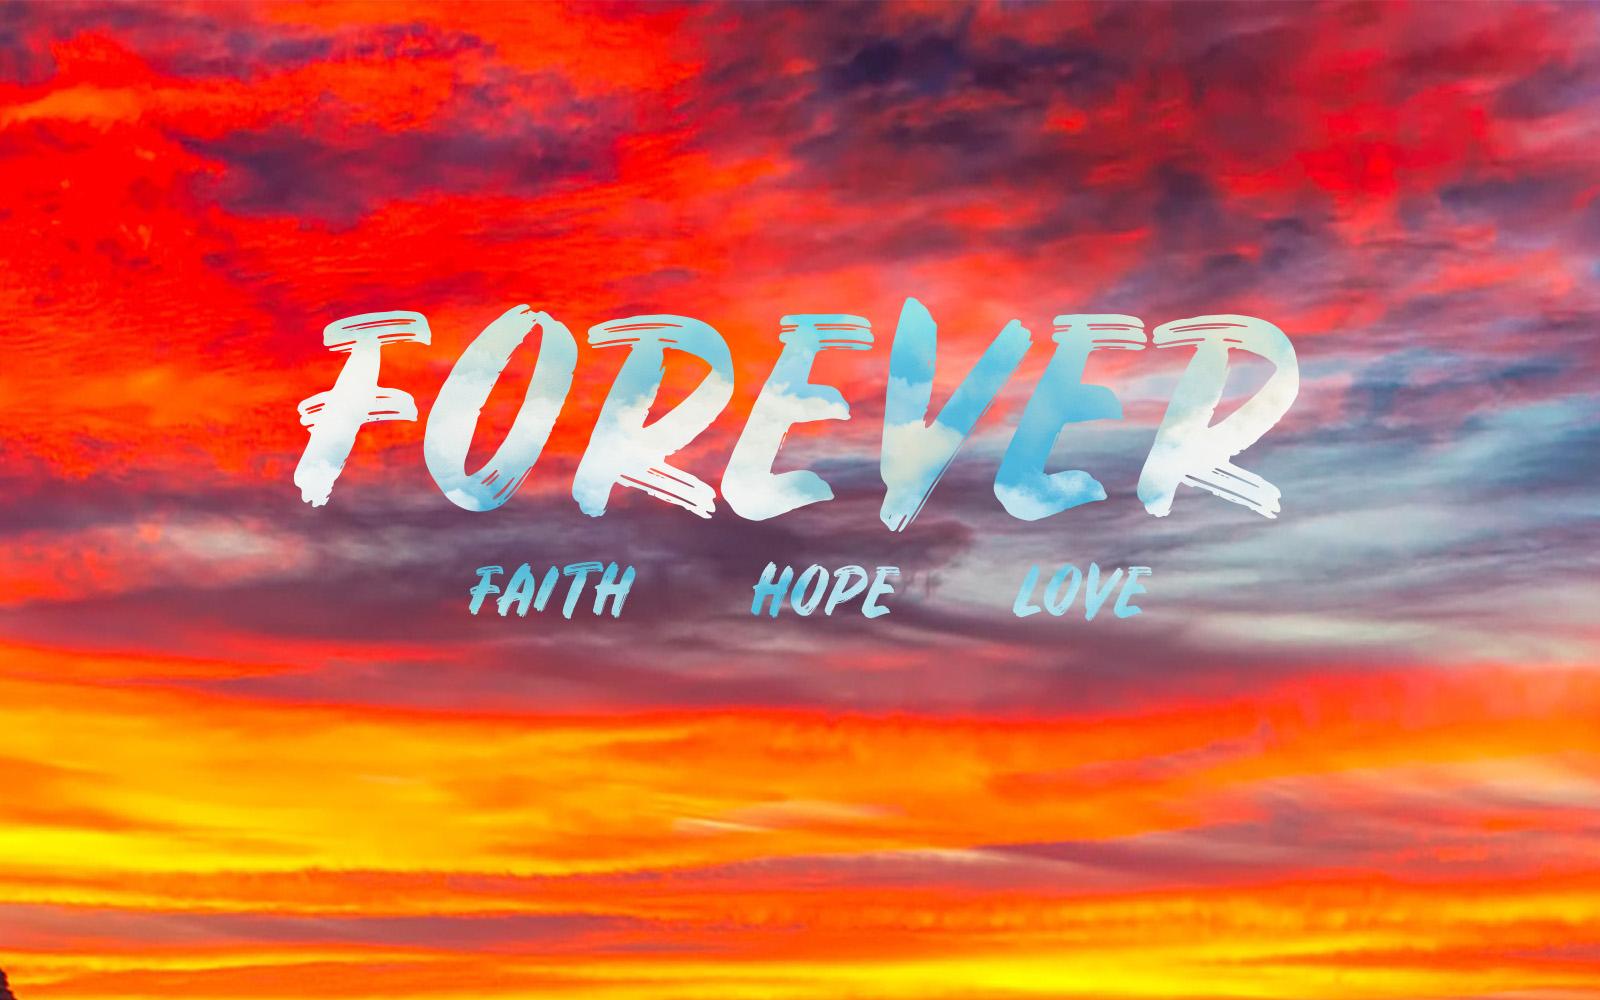 forevereaster.jpg